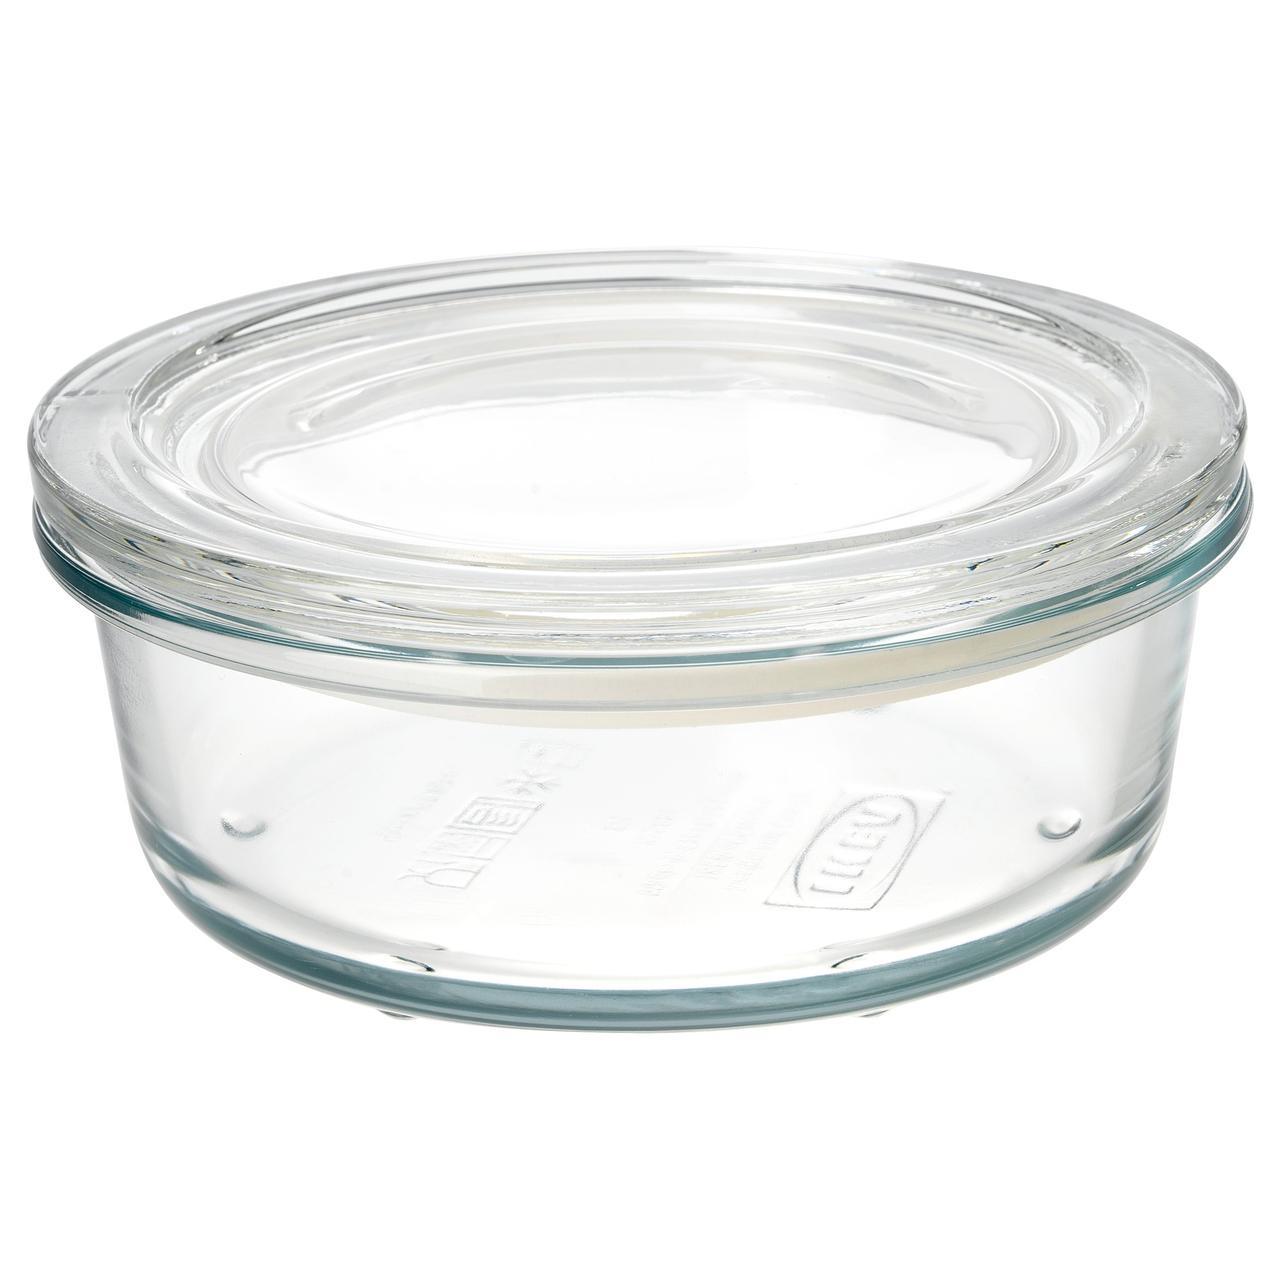 ИКЕА/365+ Контейнер для продуктов с крышкой, стекло